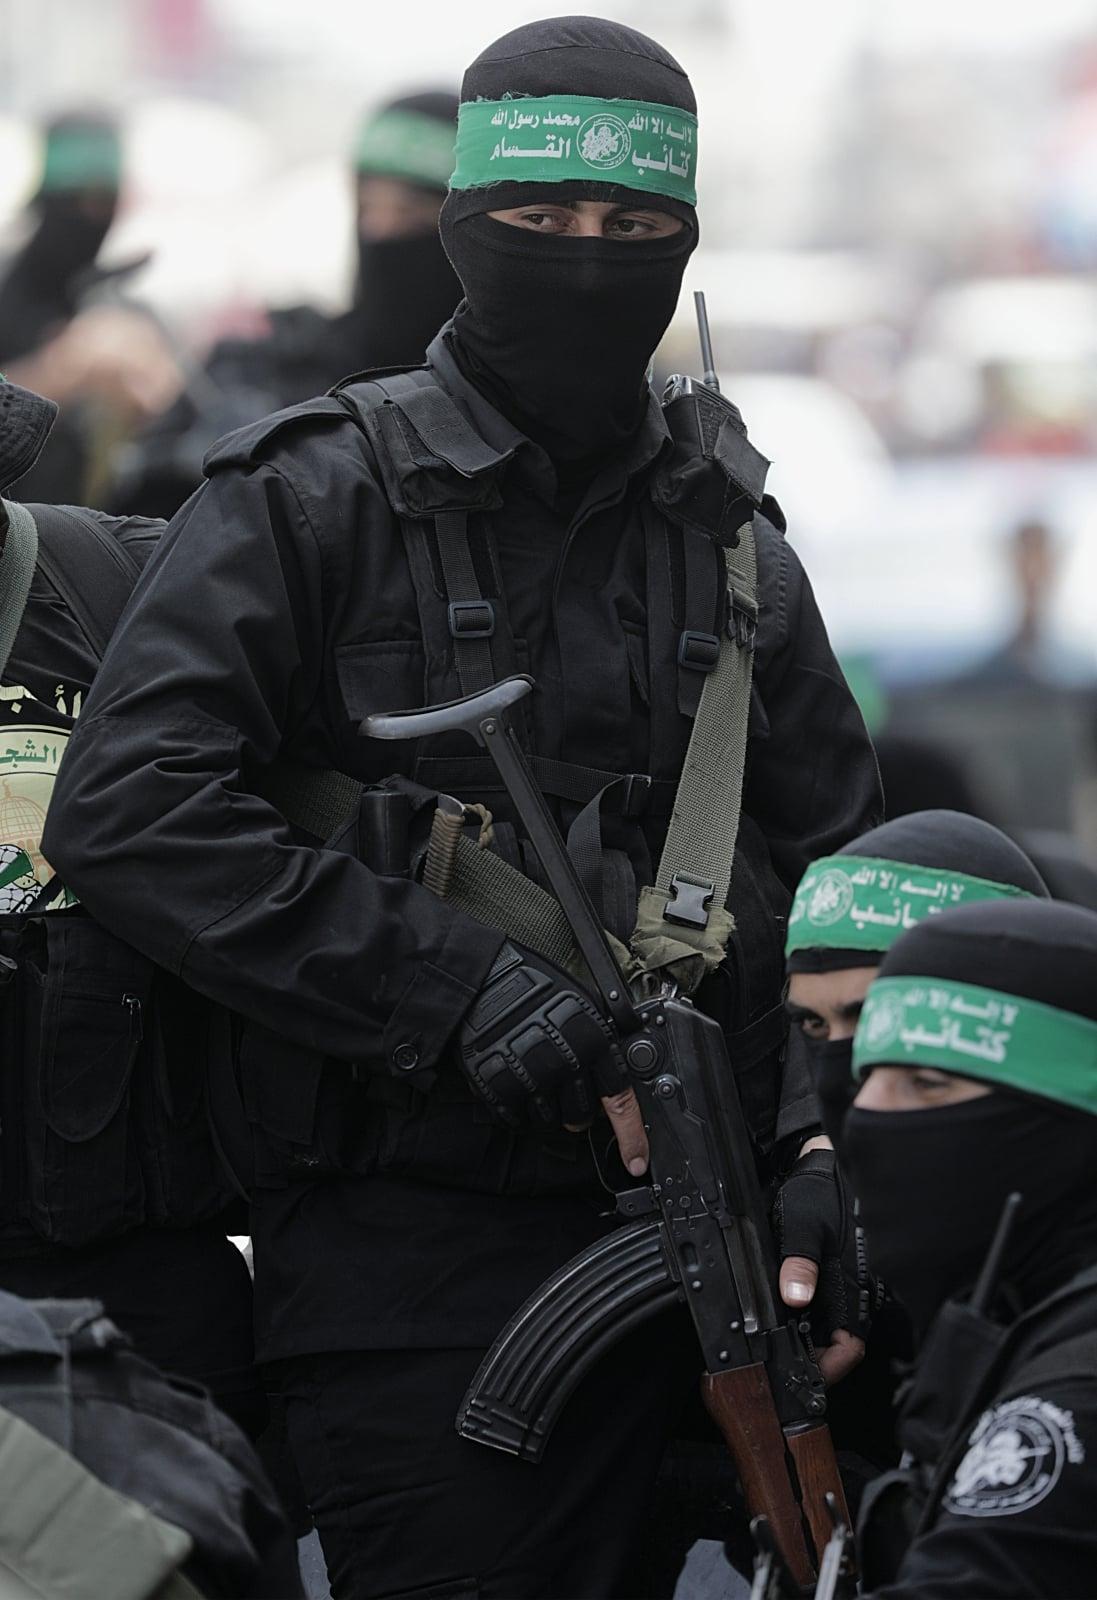 Zbrojne skrzydło Hamasu patroluje ulice Gazy, Palestyna.